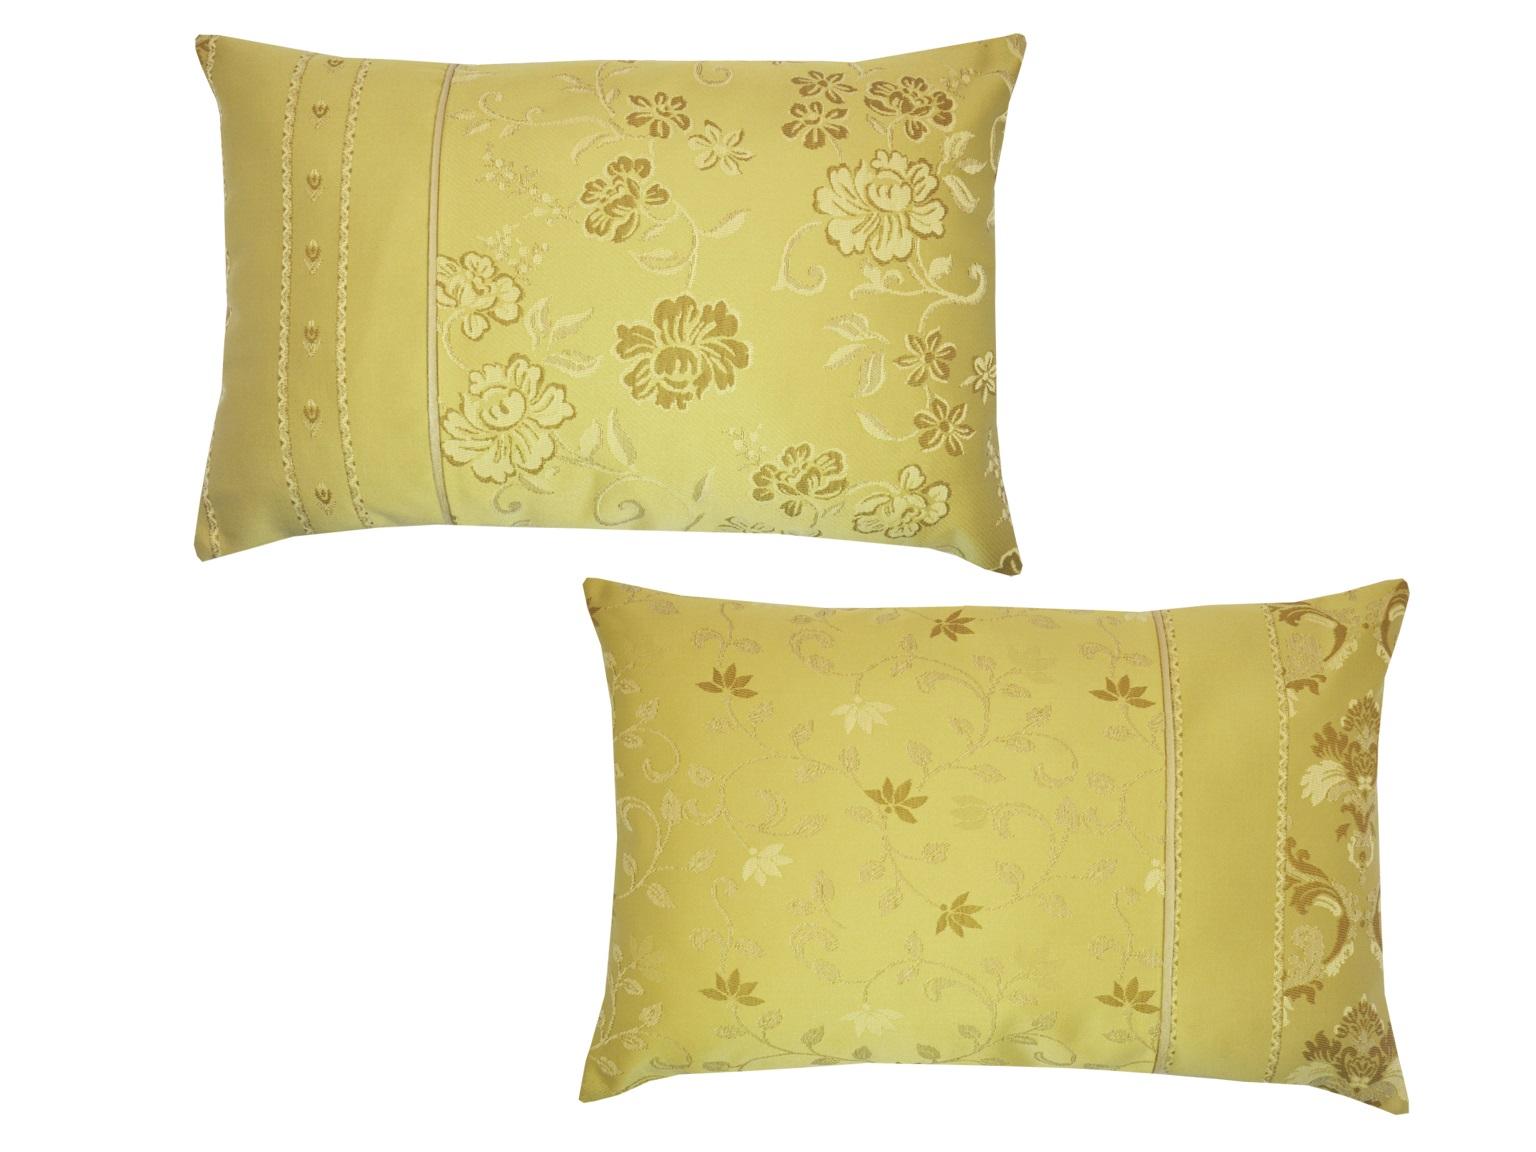 Комплект подушек Beatrice Yellow (2шт)Прямоугольные подушки и наволочки<br>Комплект декоративных  подушек. Чехол съемный.<br><br>Material: Вискоза<br>Length см: None<br>Width см: 55<br>Depth см: 15<br>Height см: 35